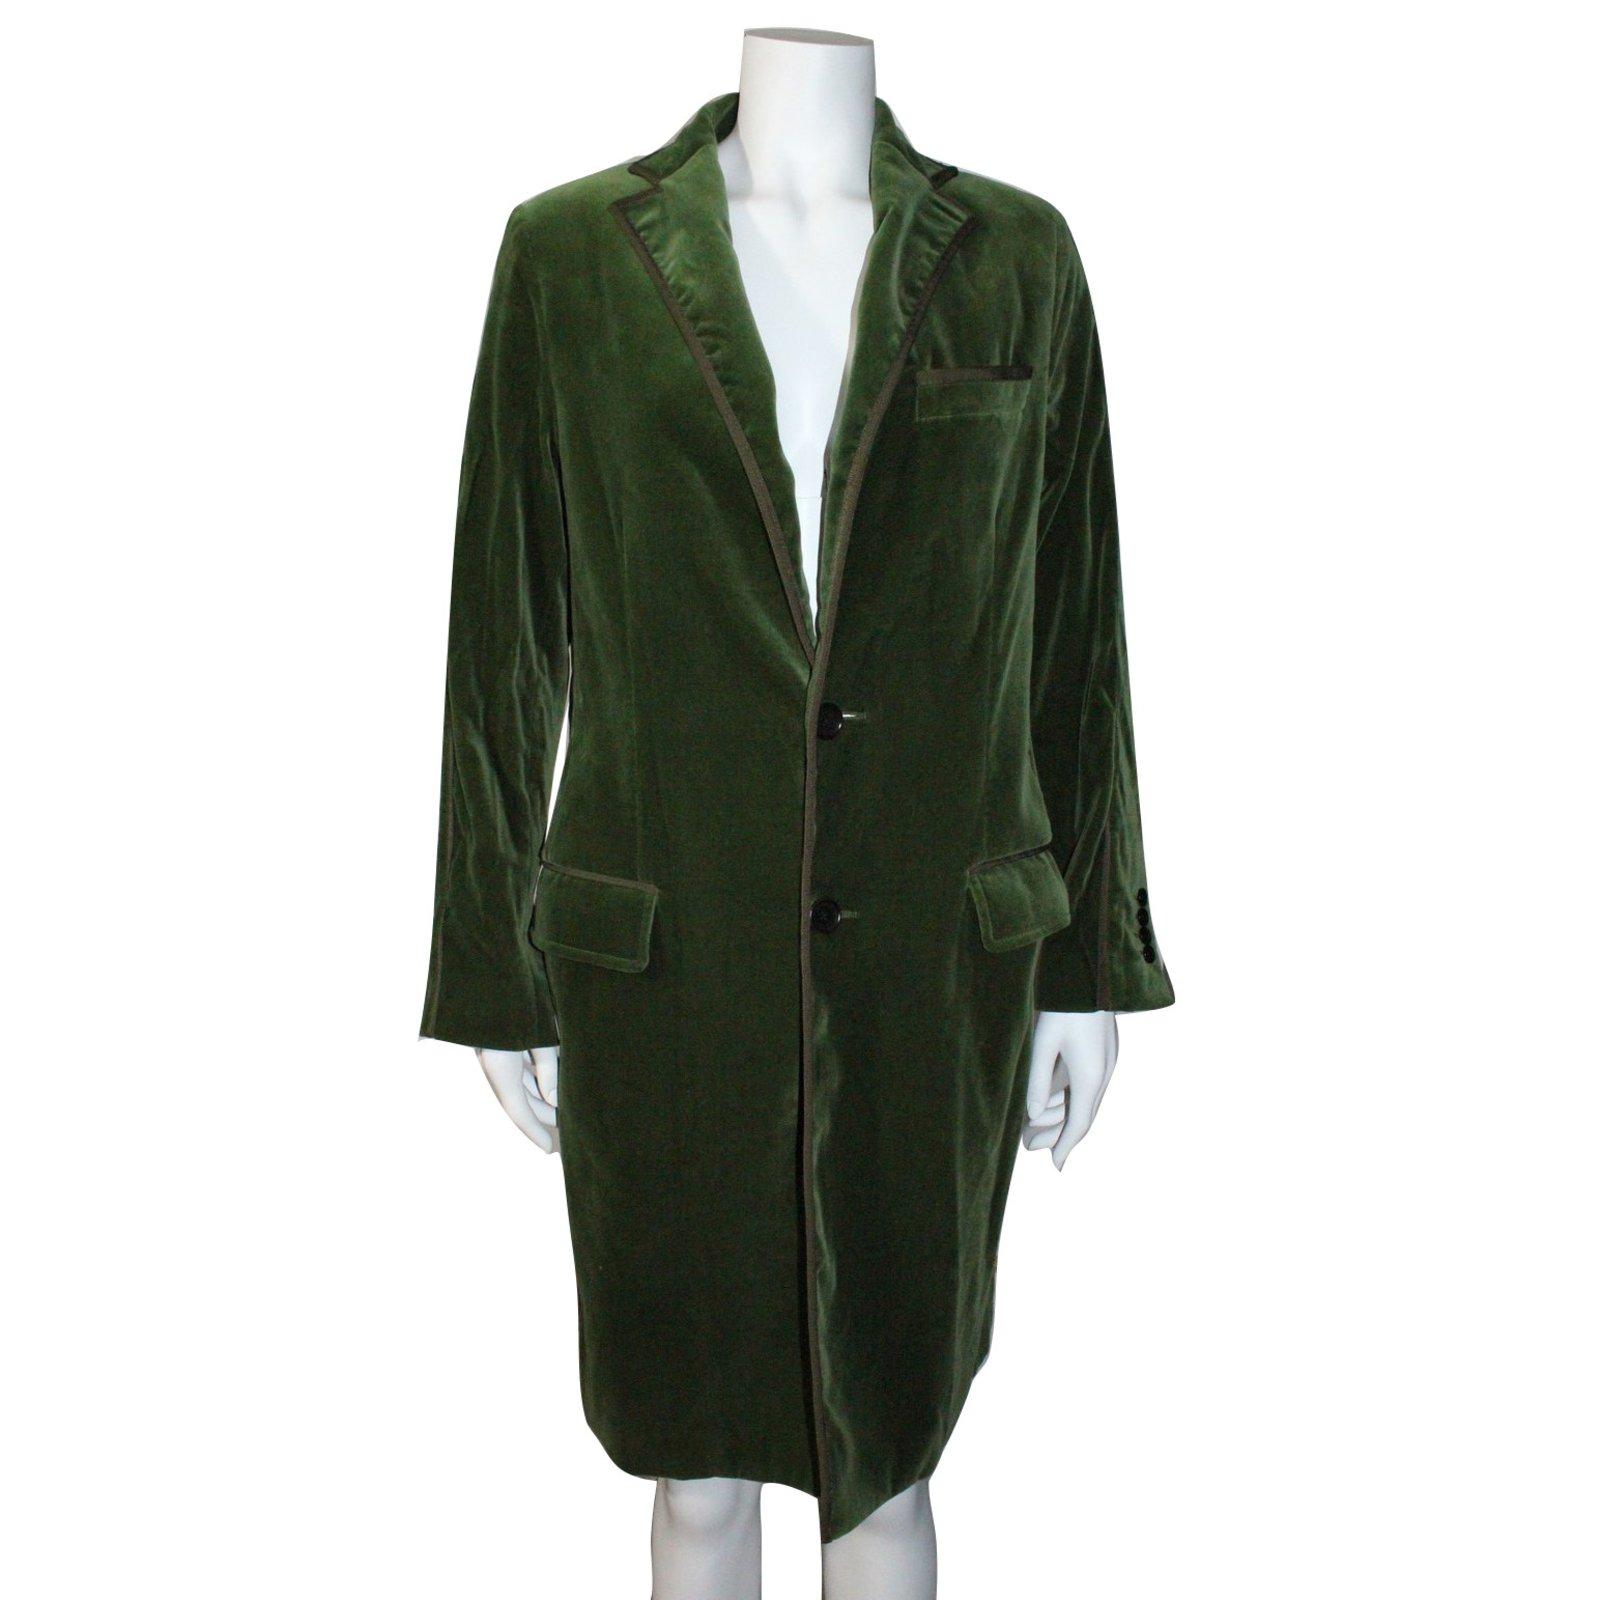 manteaux etro manteau velours coton vert joli. Black Bedroom Furniture Sets. Home Design Ideas